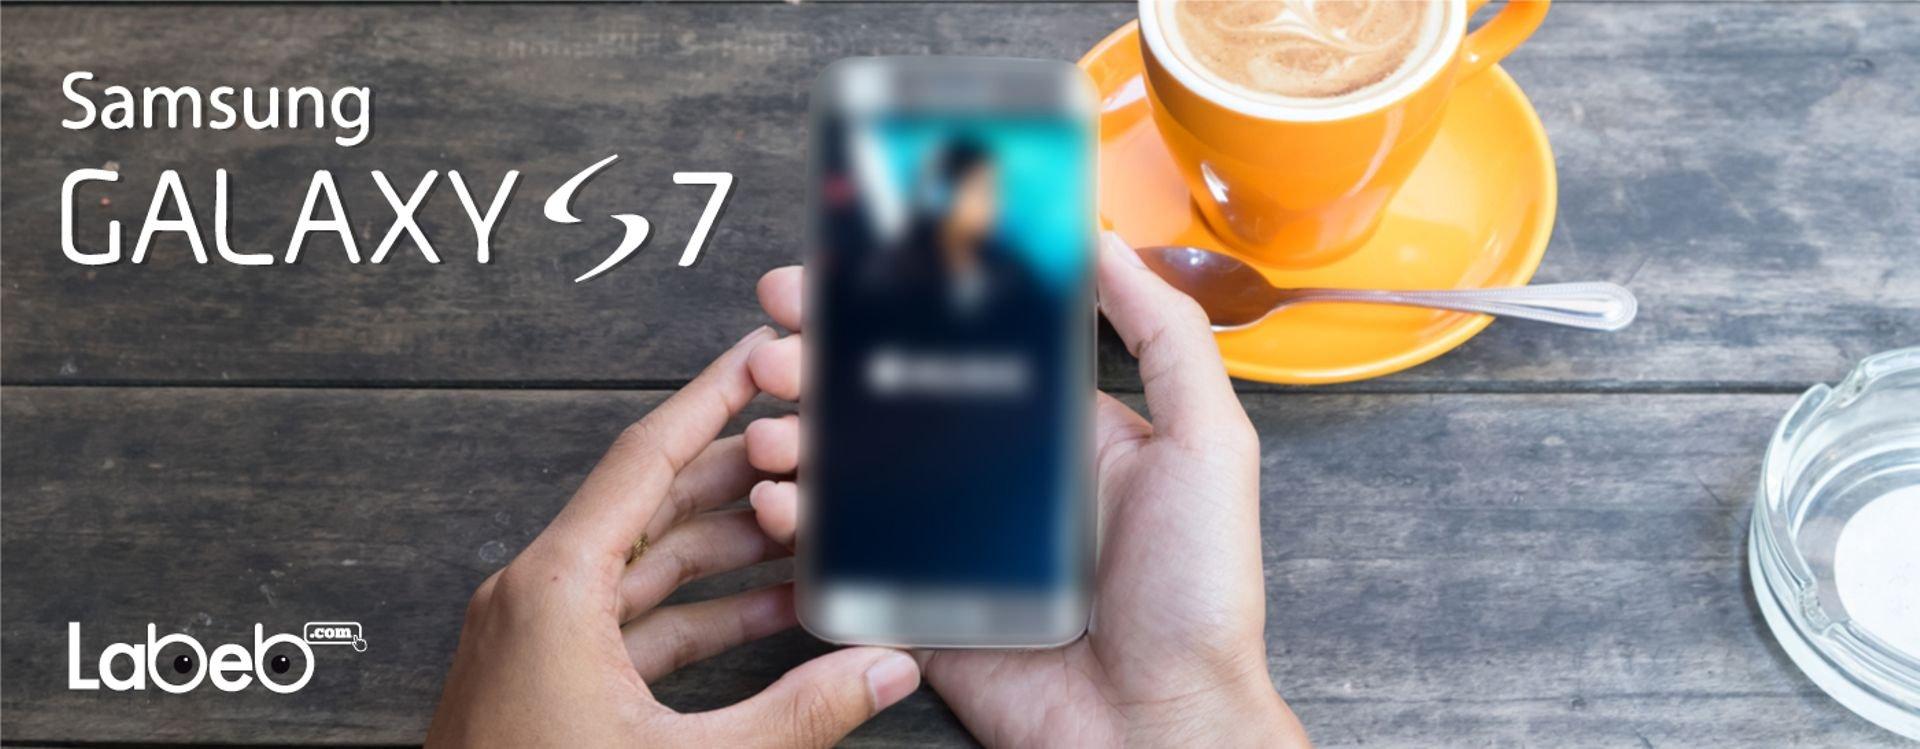 سامسونج جلاكسي إس 7 سيصدر بشهر شباط